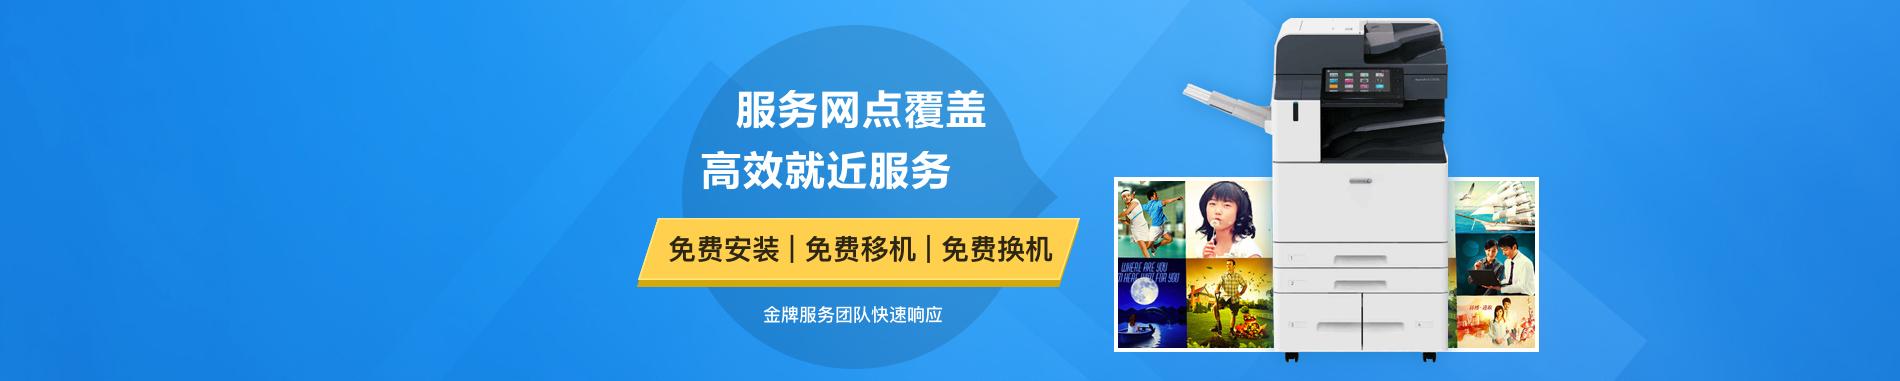 manbet万博注册万博体彩网页,90%用户的选择